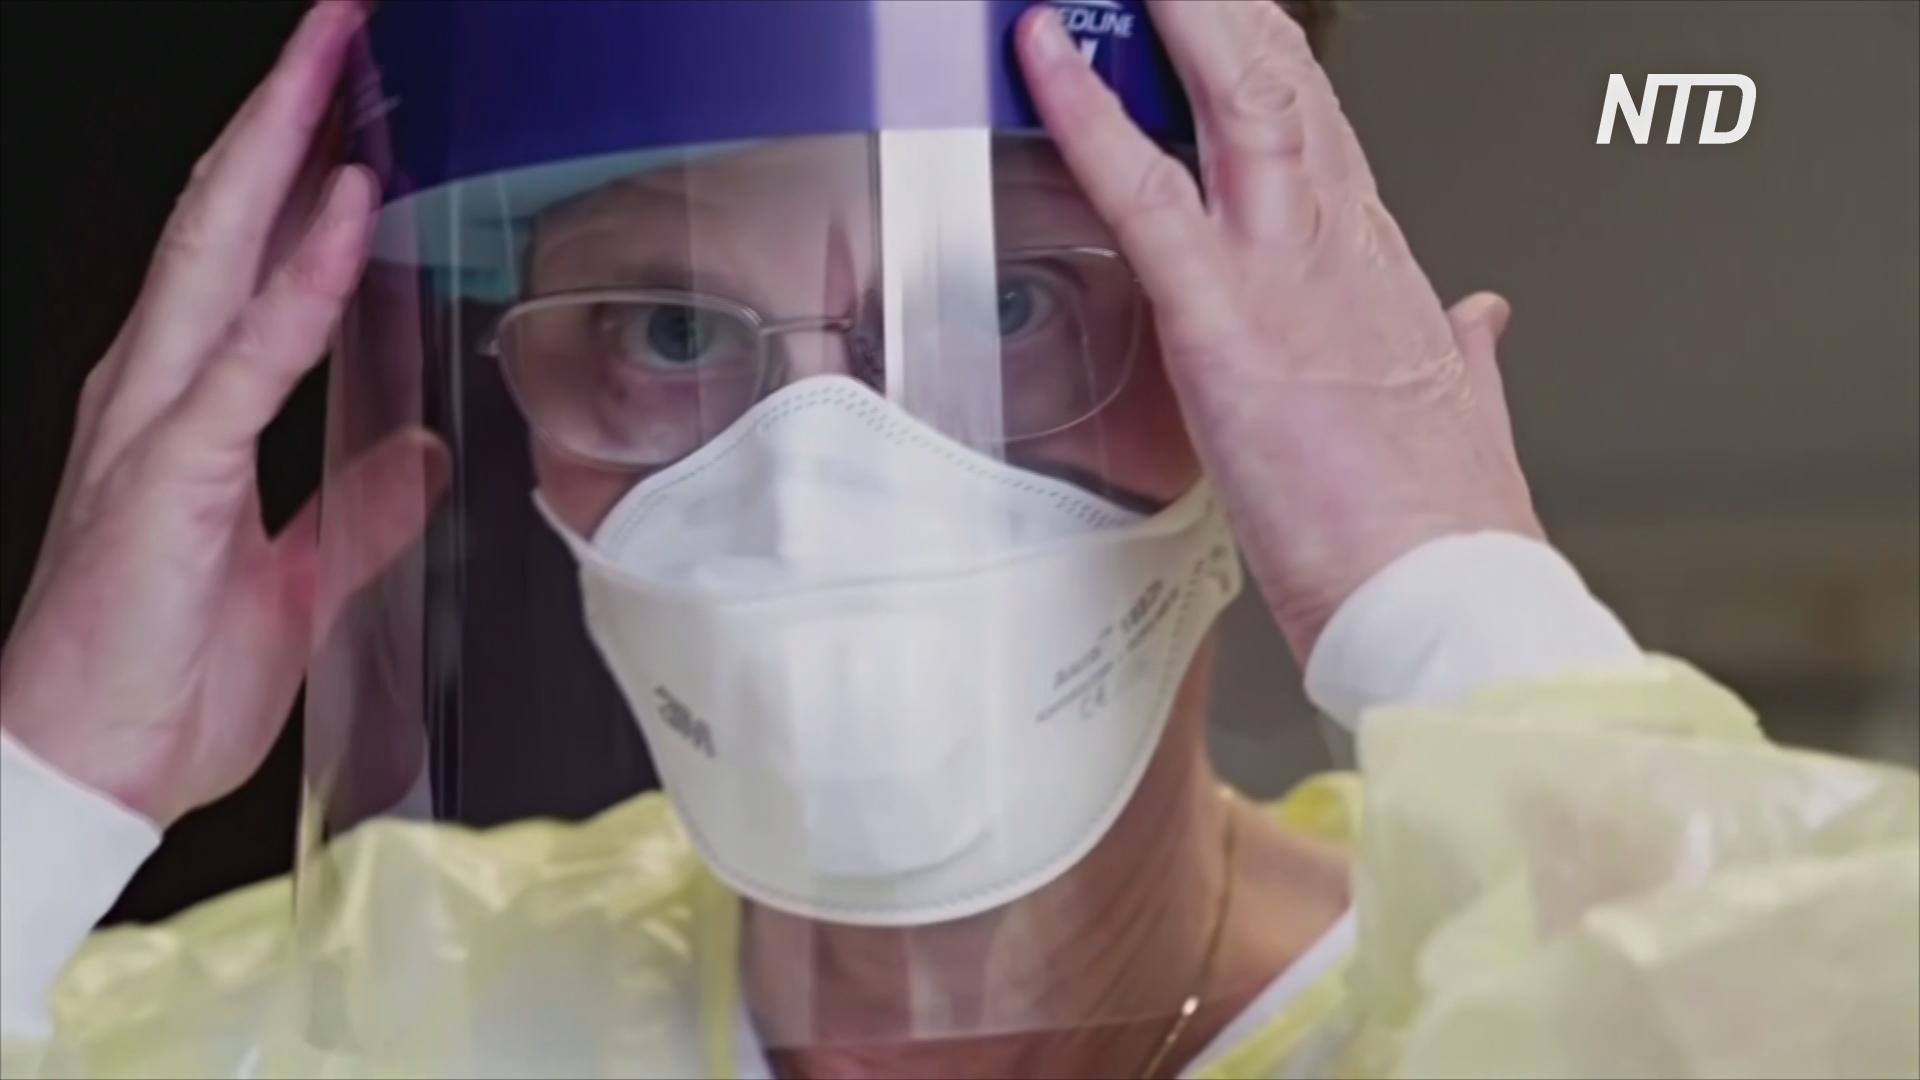 В Дании на 3D-принтерах делают бесплатные защитные козырьки для врачей